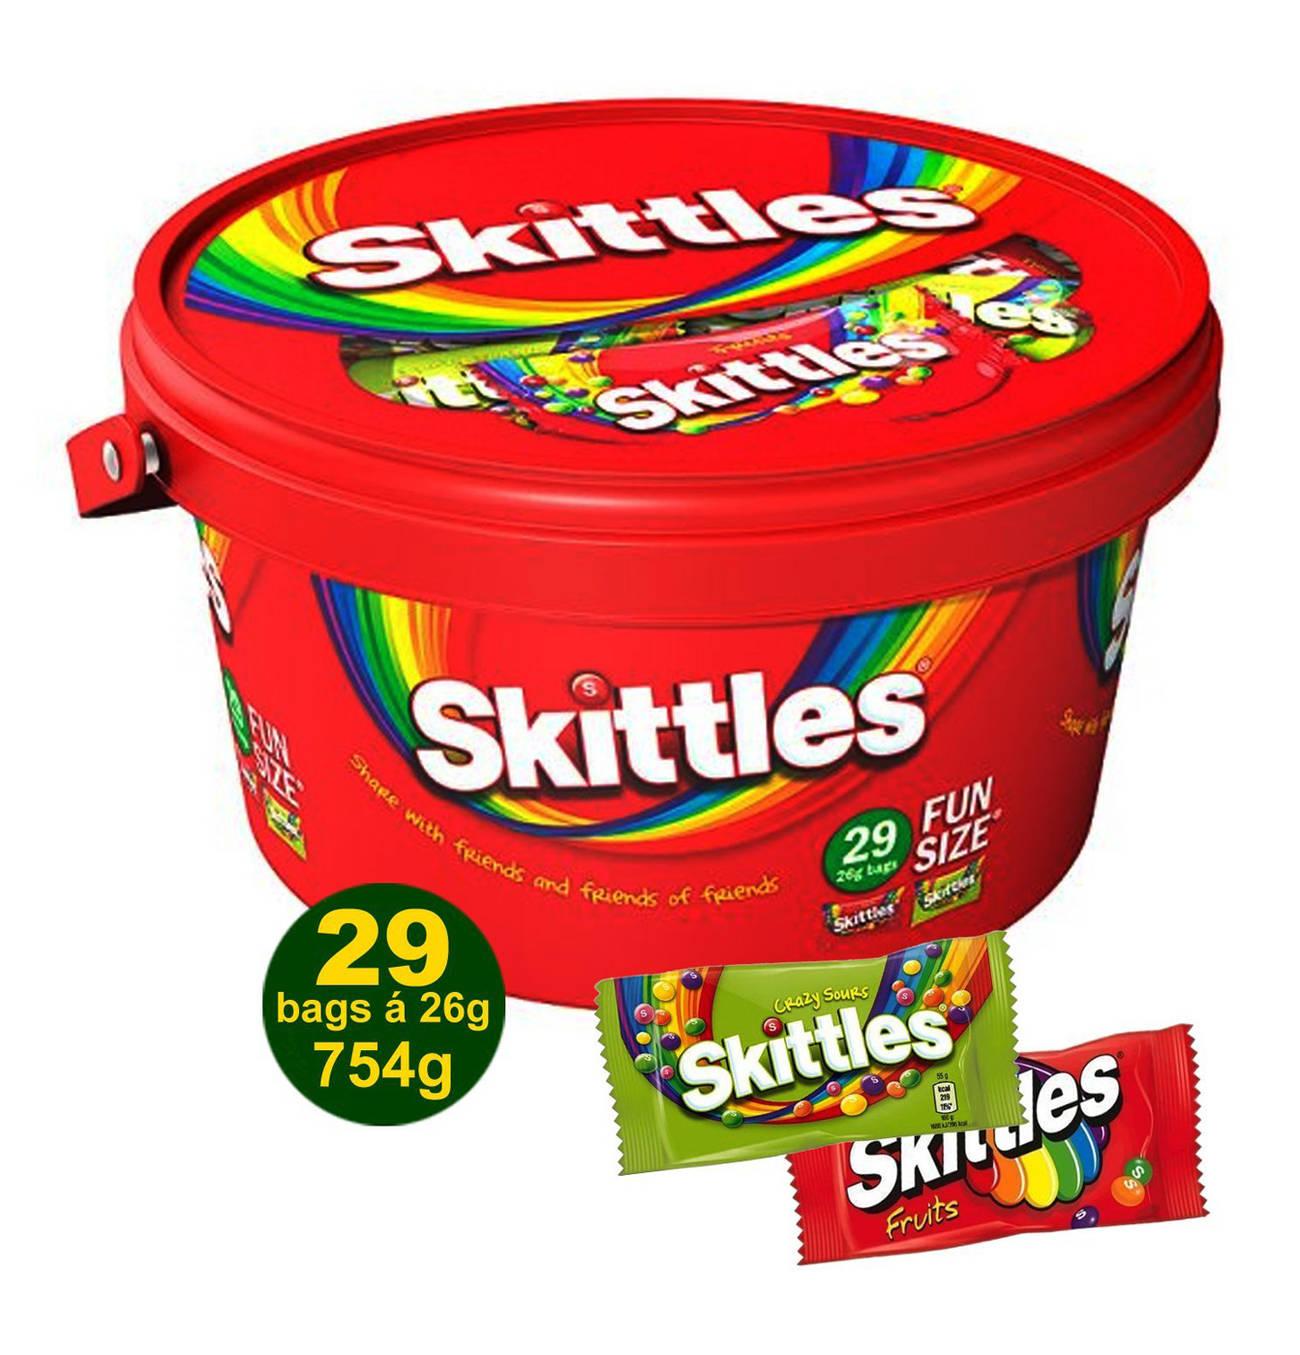 Wrigley's Skittles Fun Size Mix Box 754g (29x26g) für 4,99€ bei Jawoll